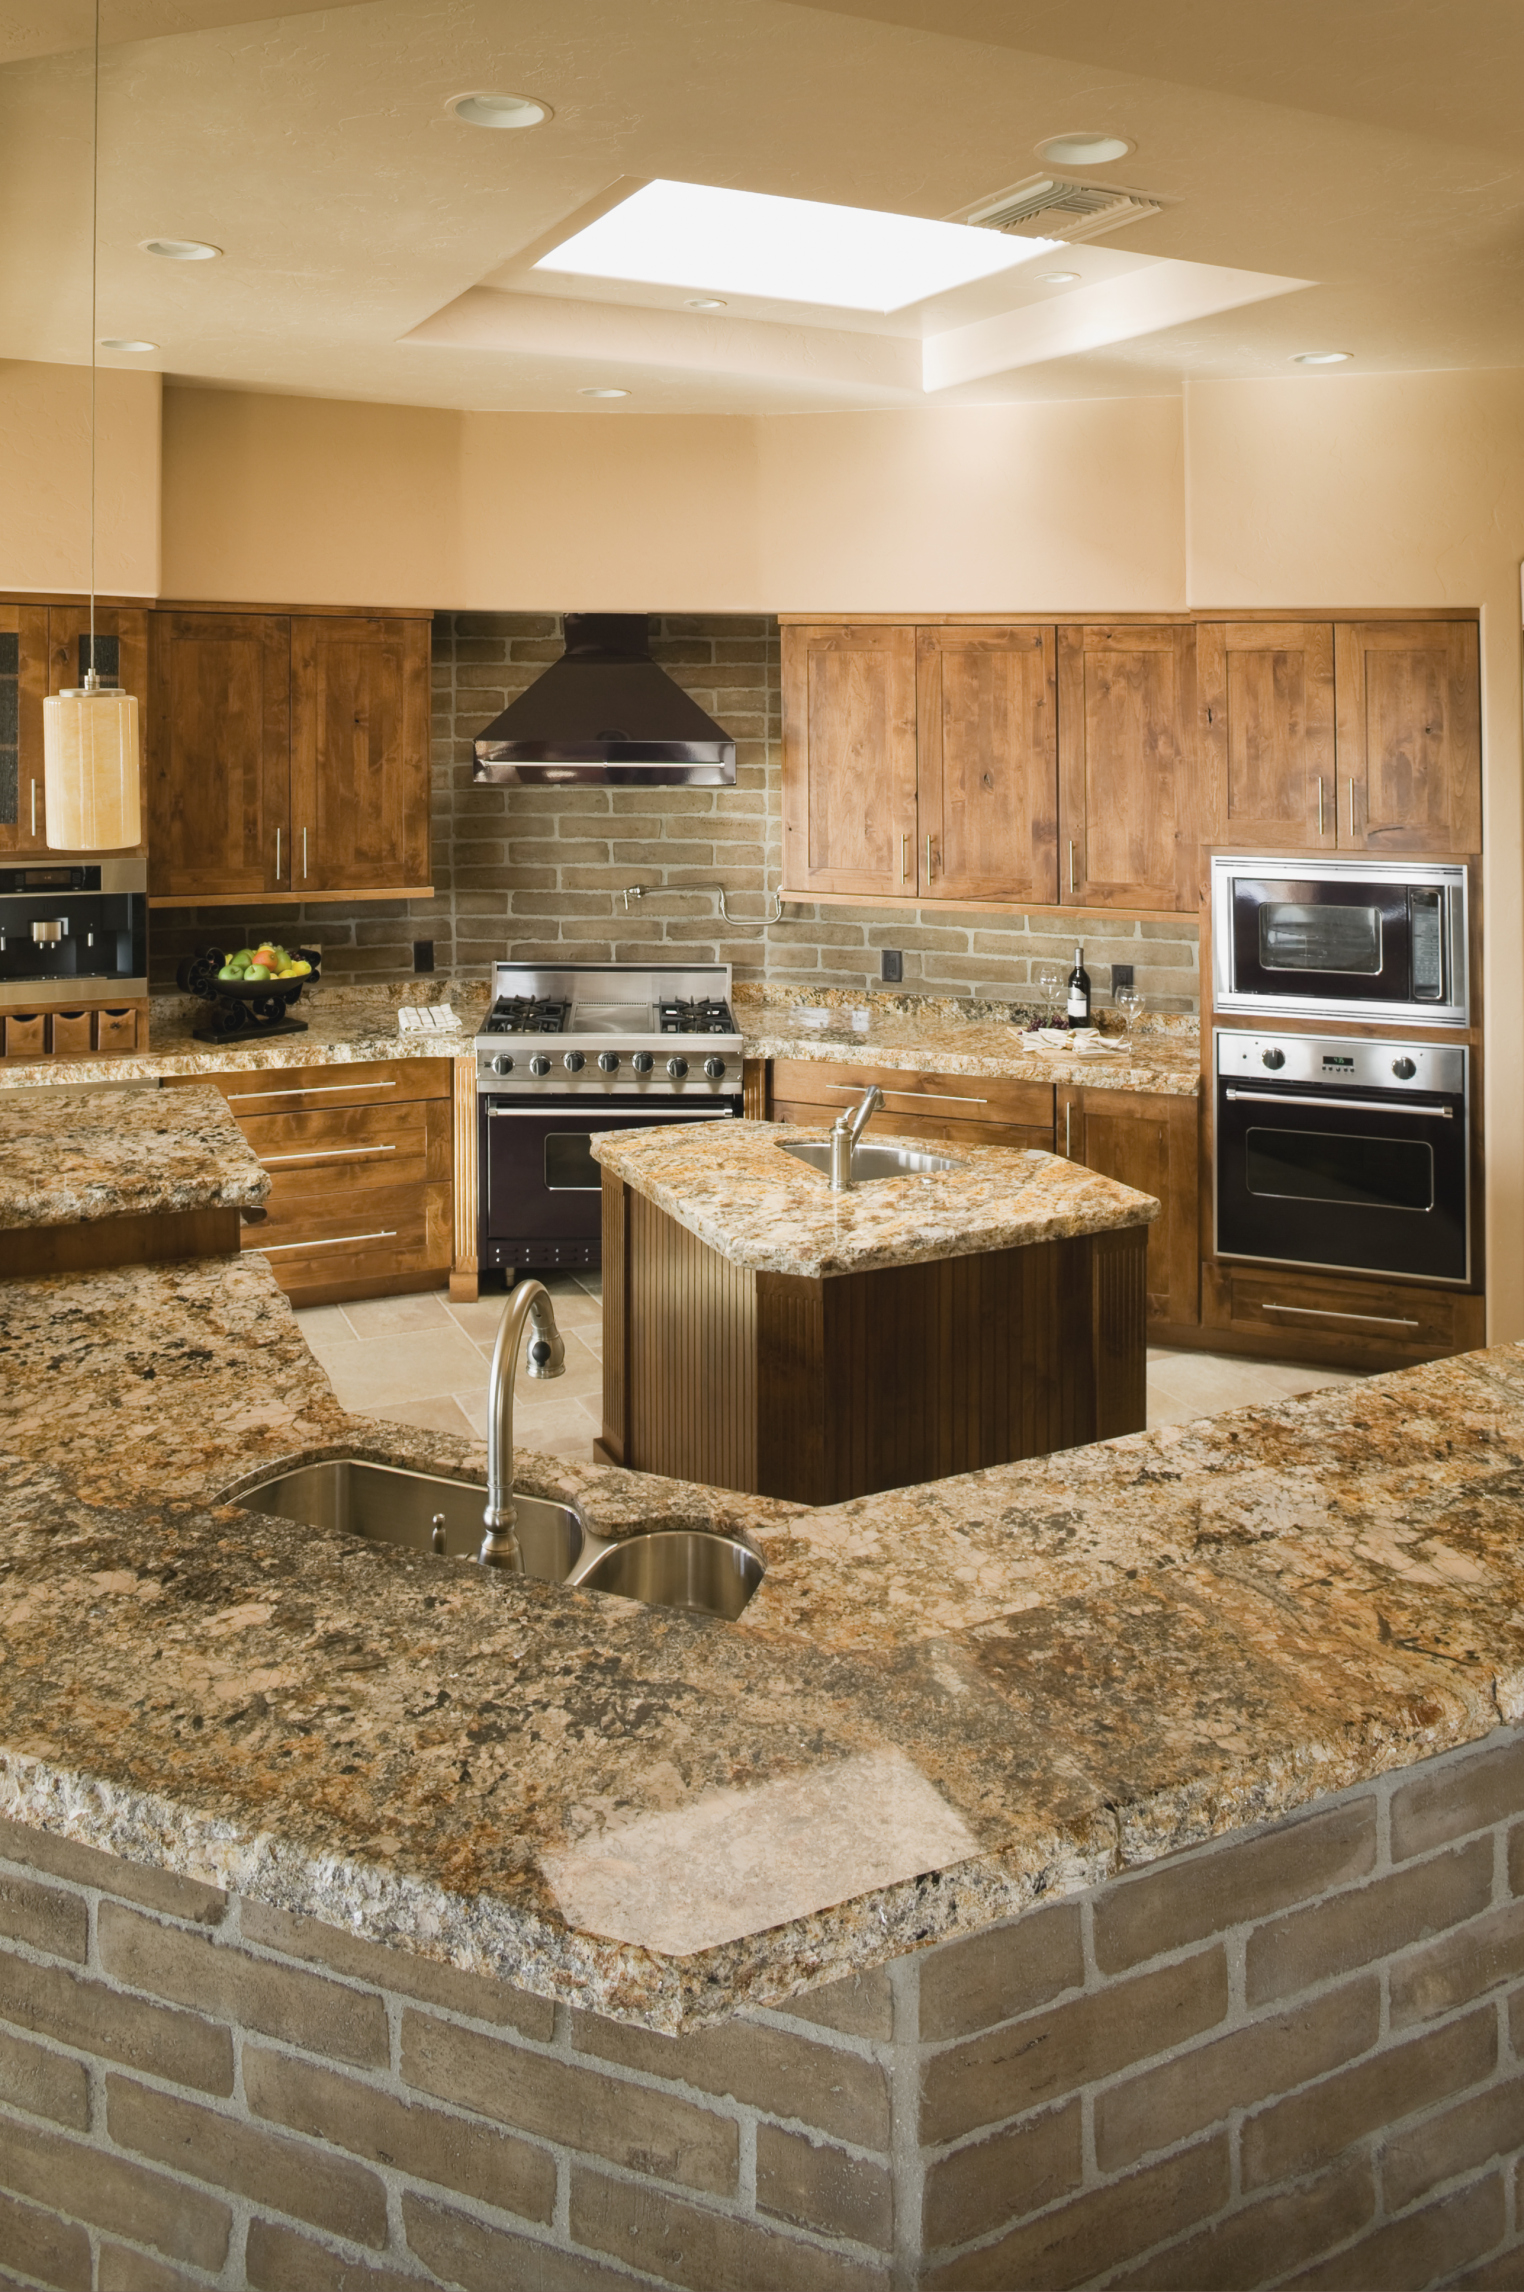 Cómo limpiar con seguridad los gabinetes de madera de la cocina |